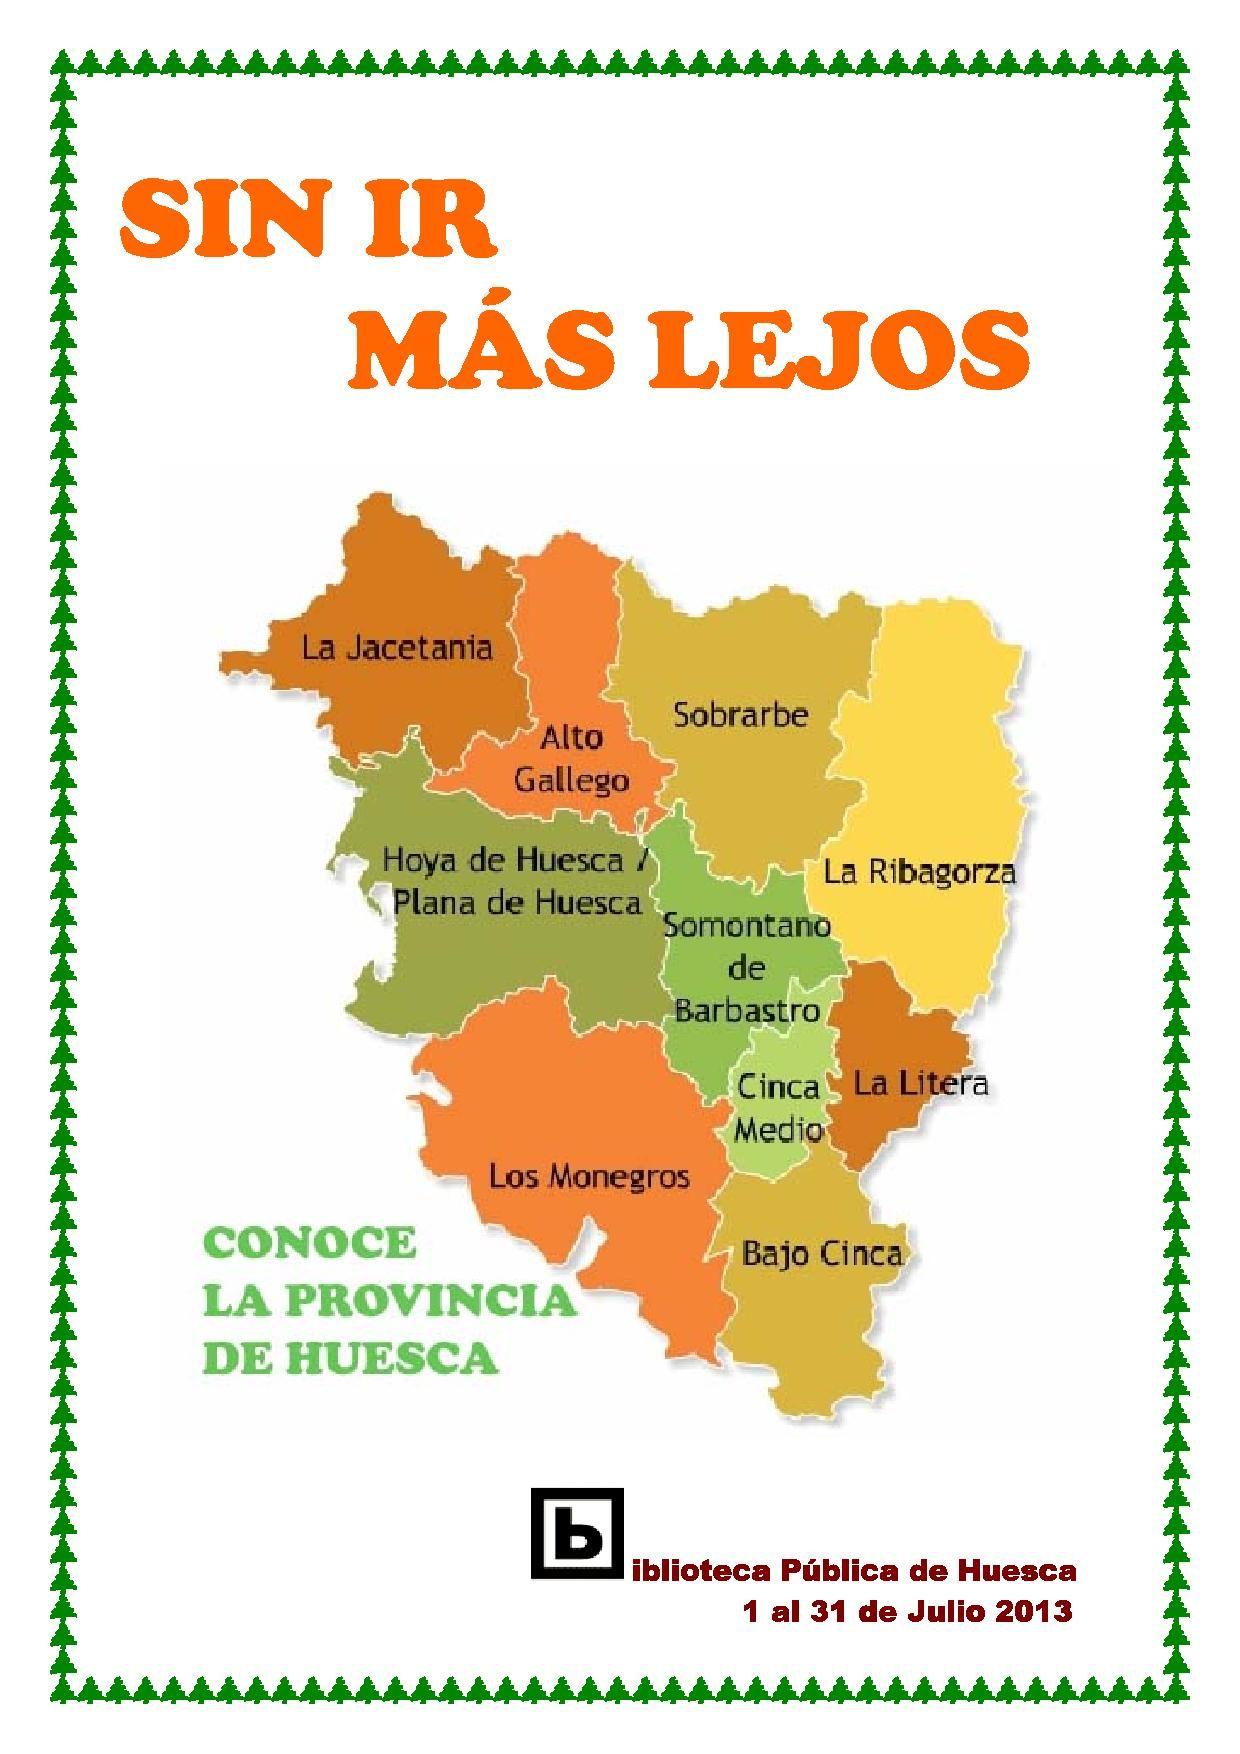 """""""Sin ir más lejos"""" Descubre y disfruta de la magia de la provincia de Huesca. Biblioteca Pública de Huesca (1 al 31 de julio 2013)."""